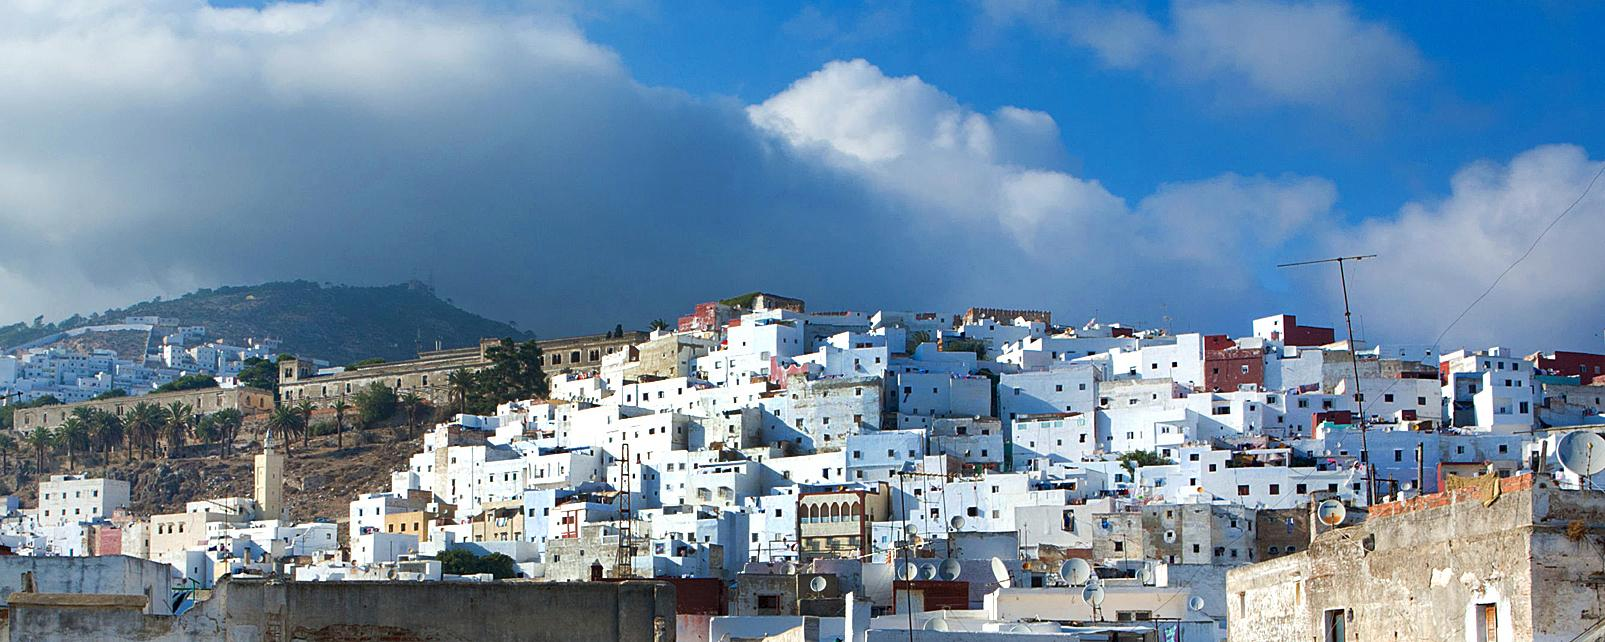 Marruecos del Norte Tetuan